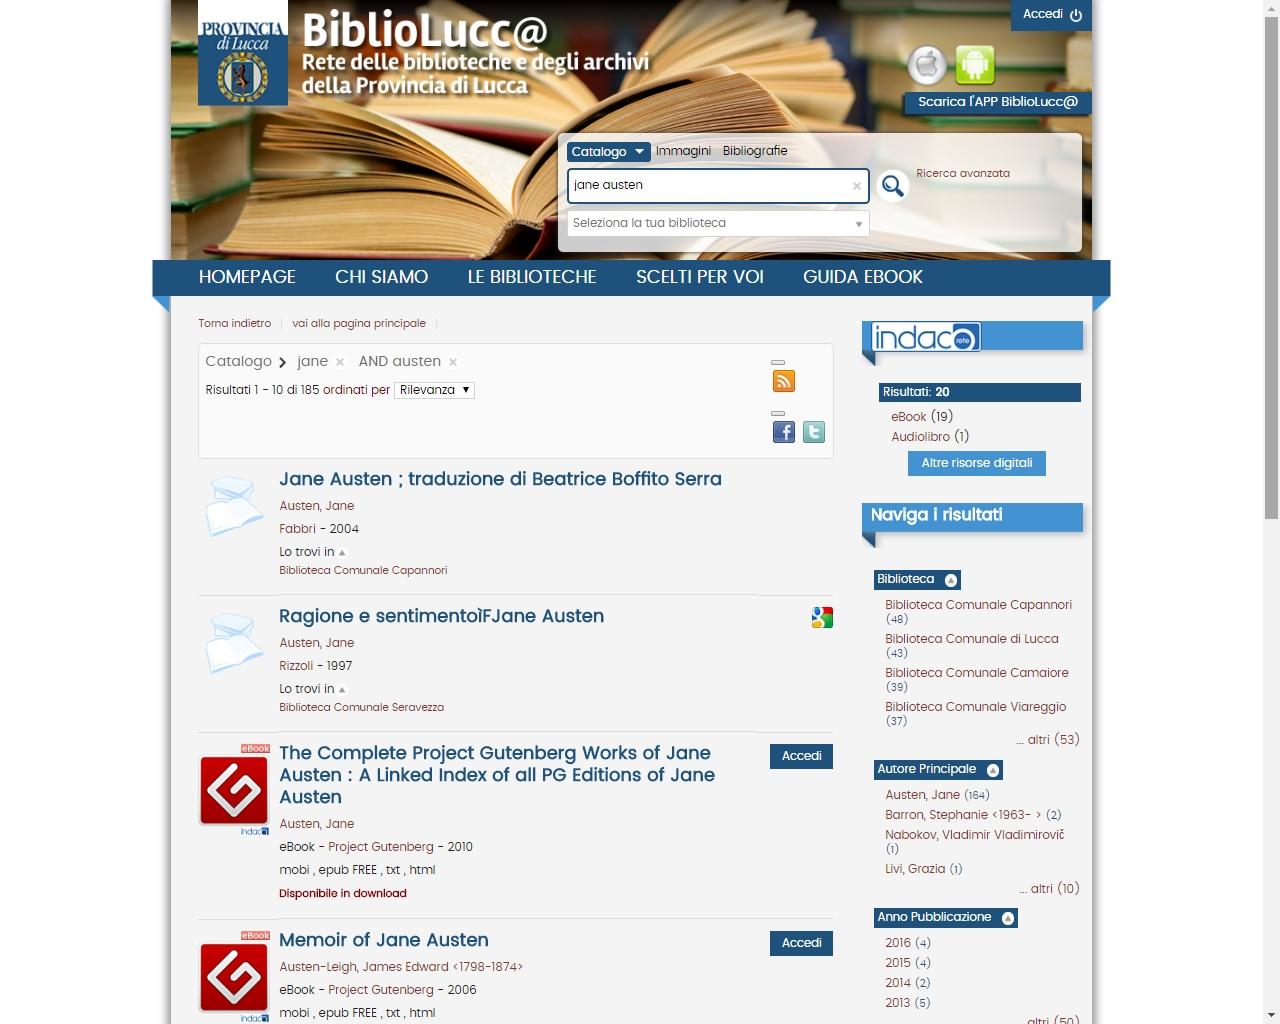 ReteINDACO novità biblioteca digitale